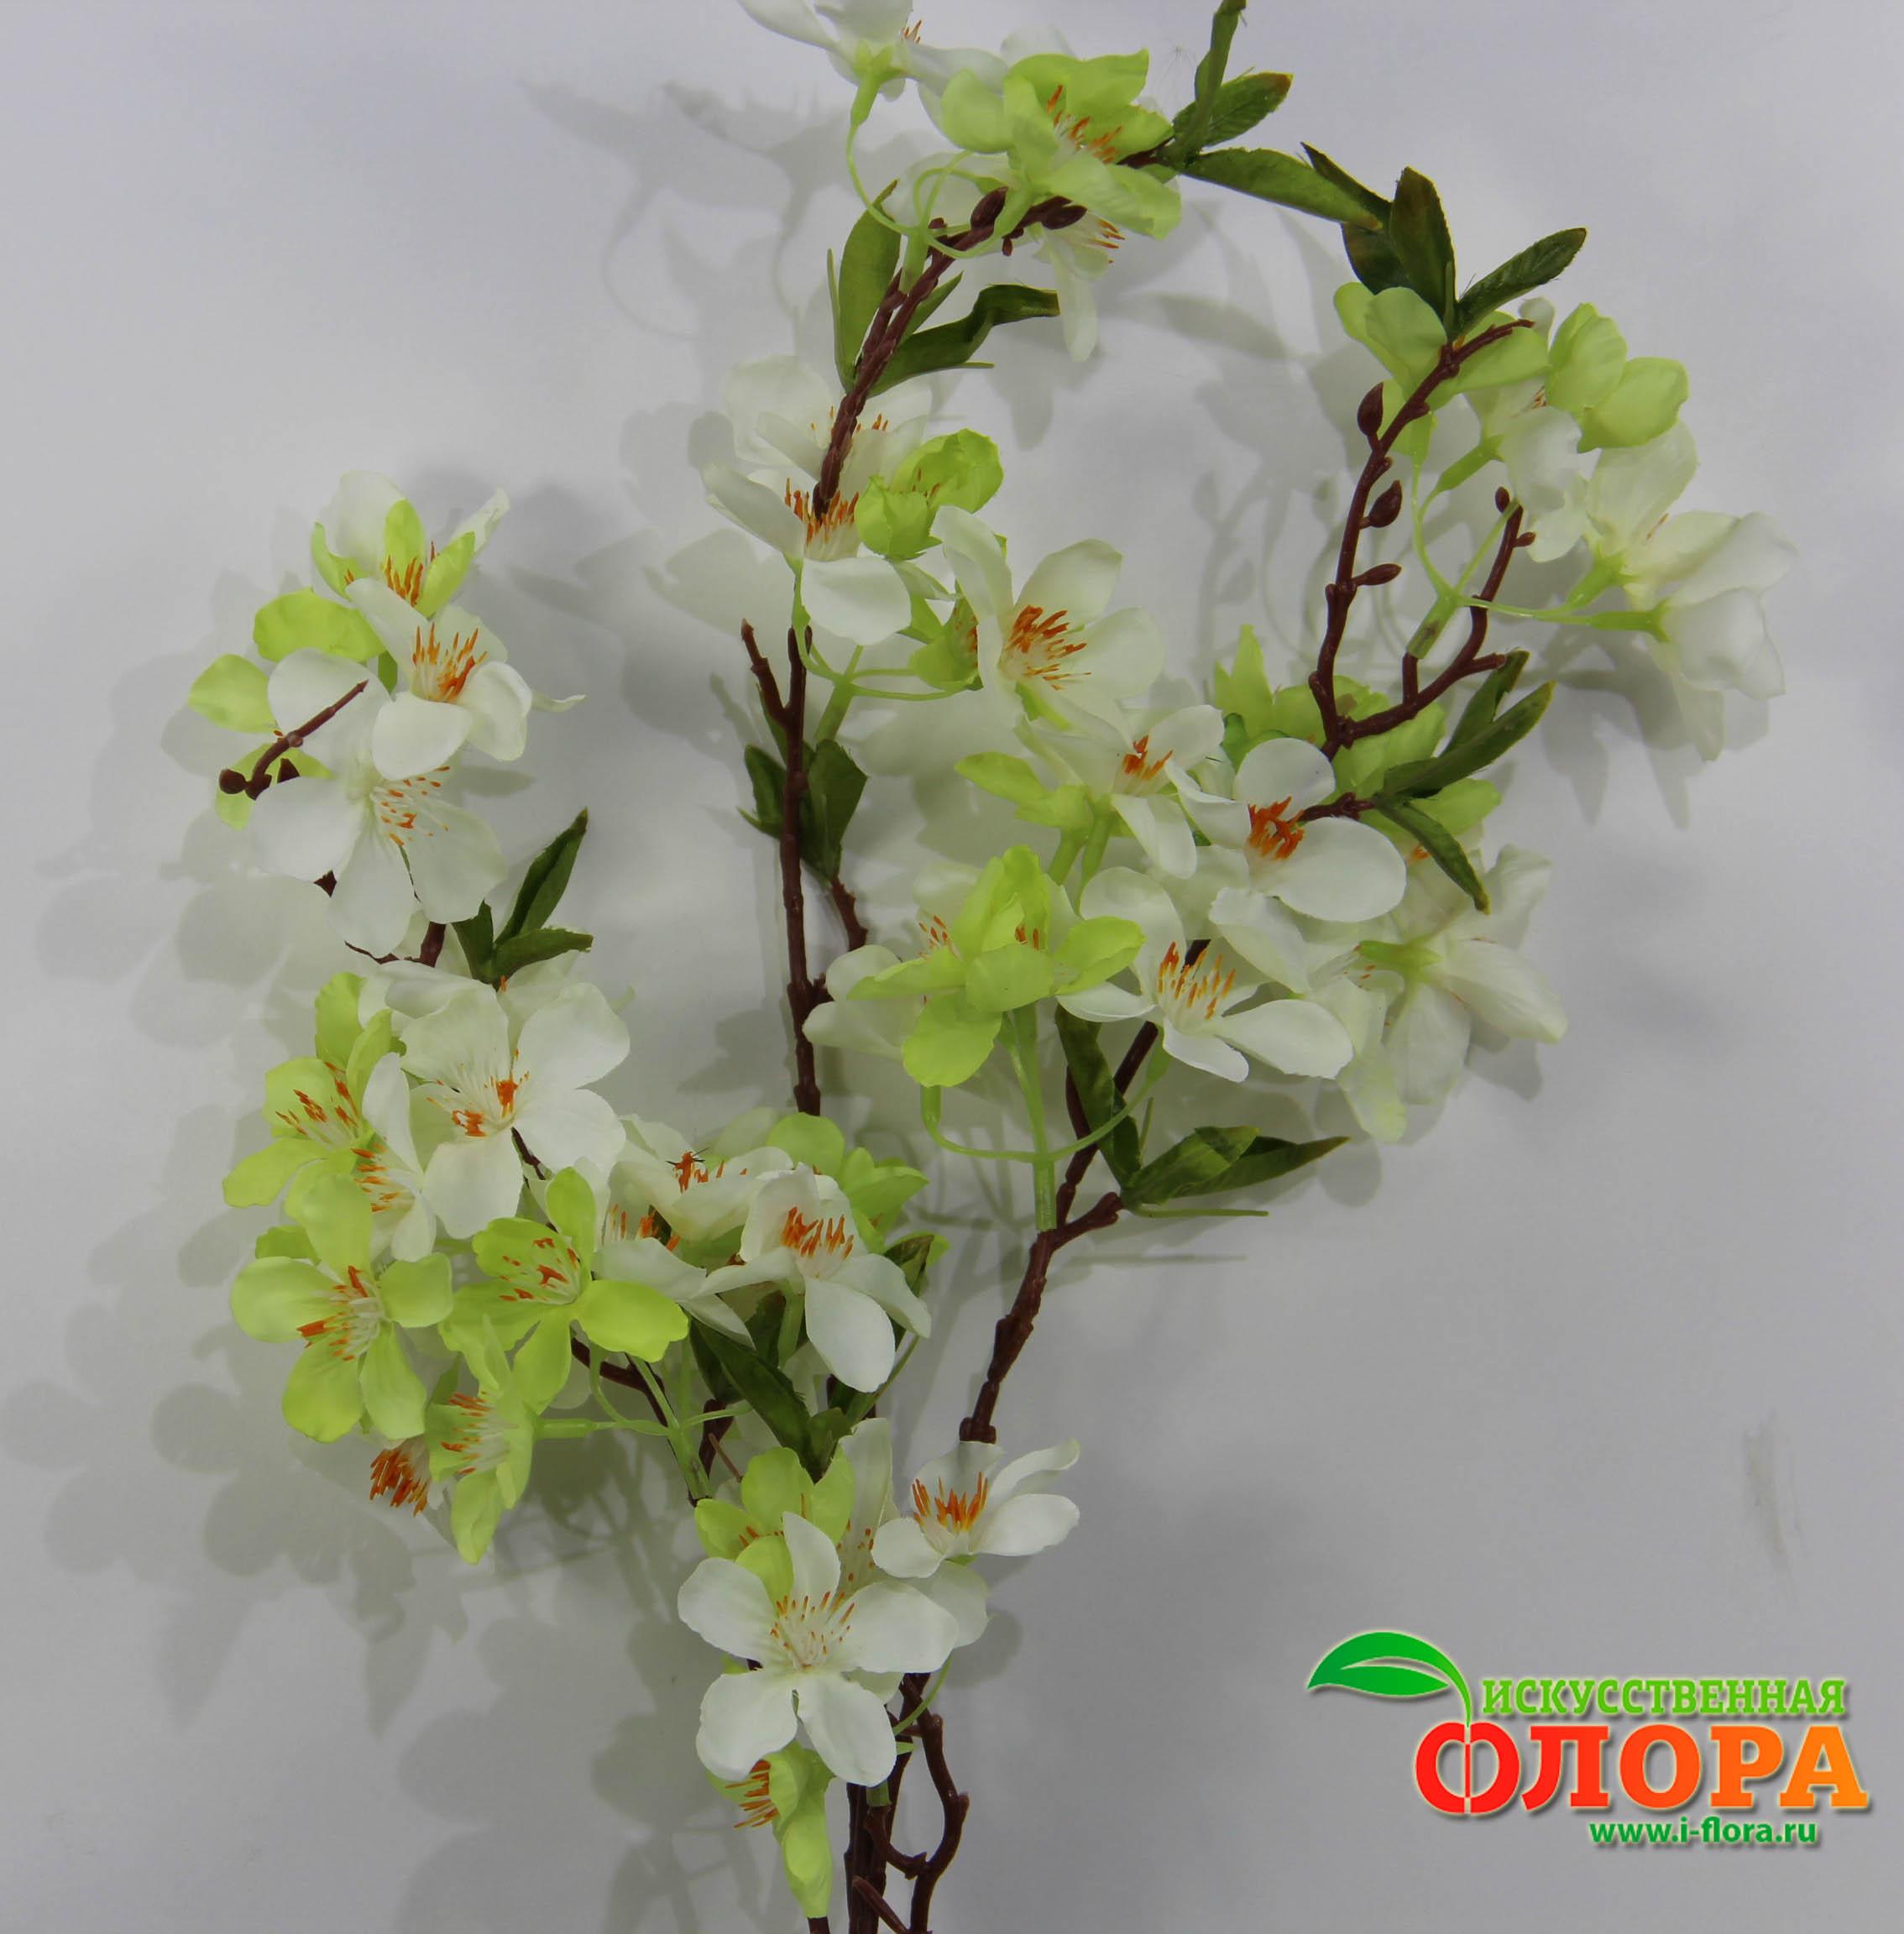 Как сделать ветку сакуры с цветами из гофрированной бумаги 70